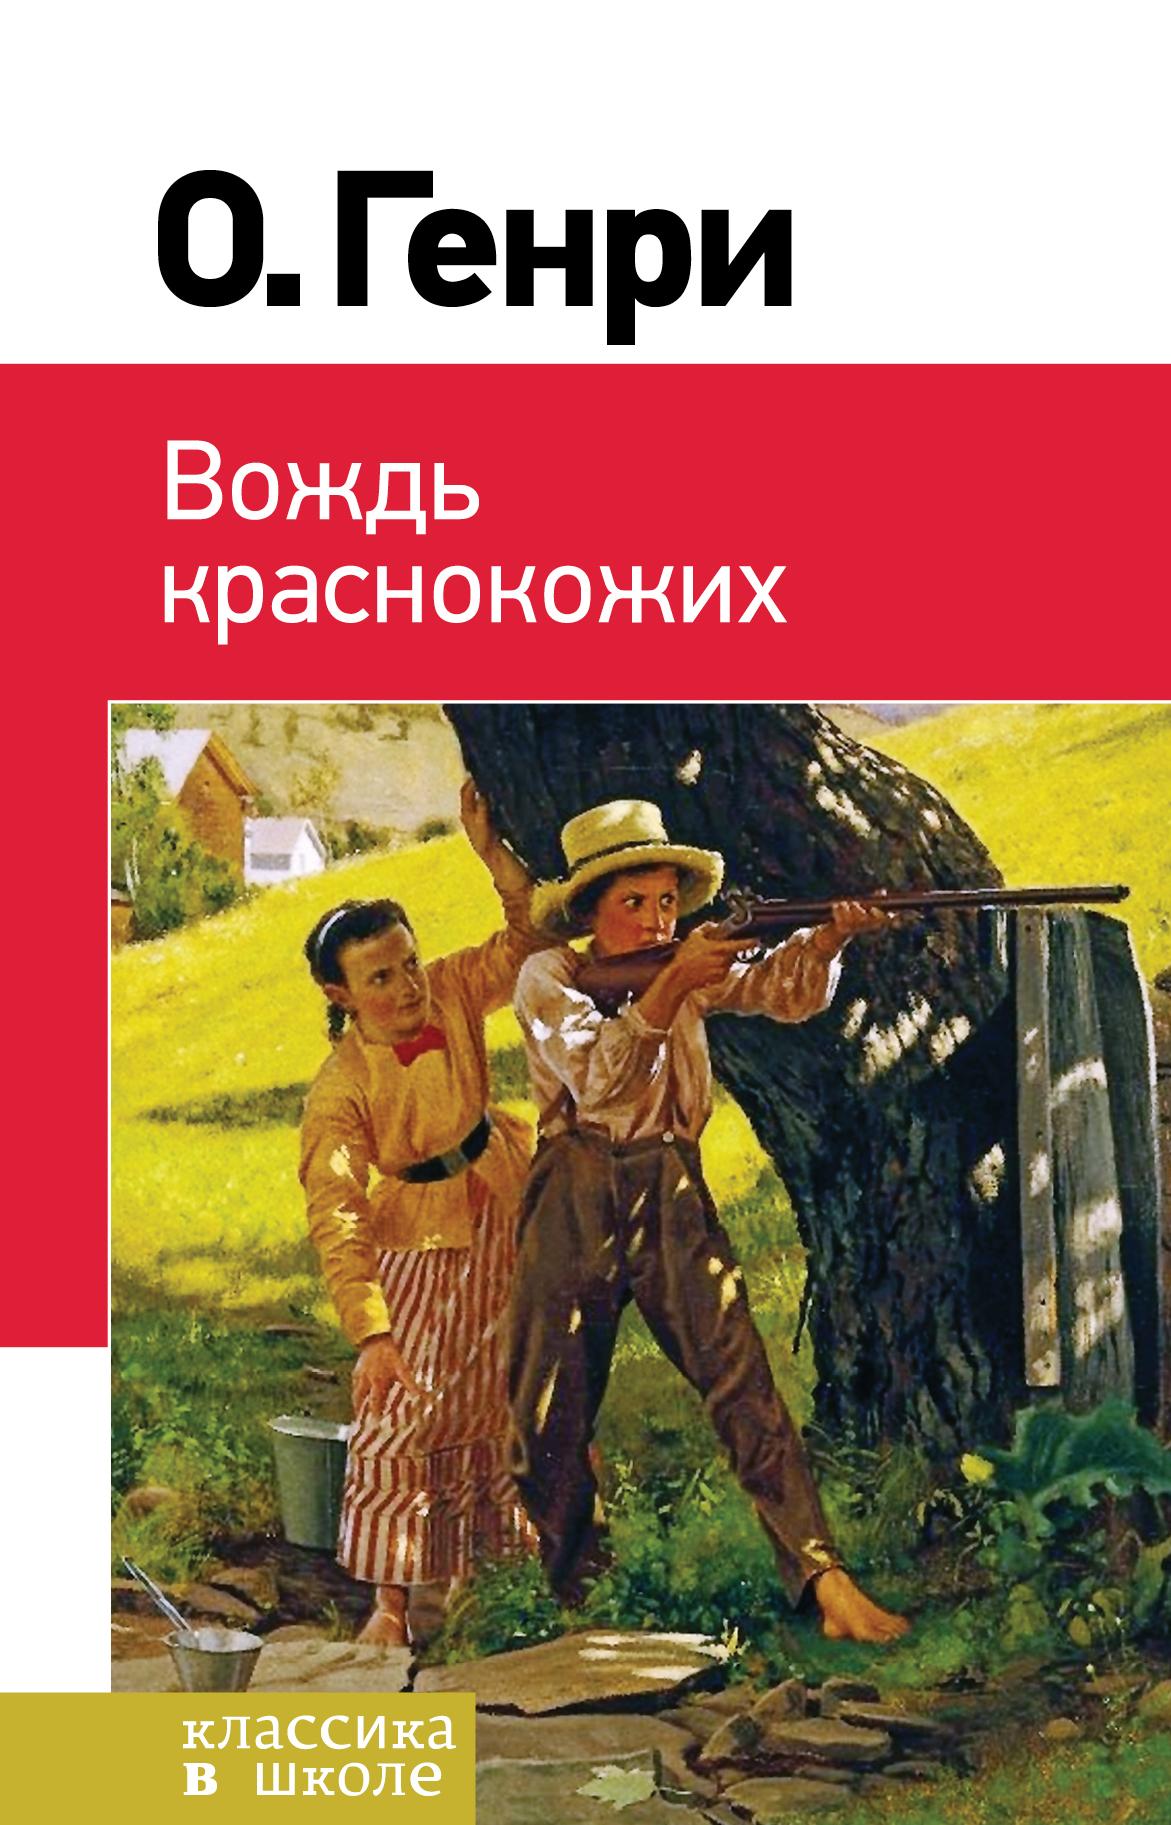 Купить Вождь краснокожих, О. Генри, 978-5-699-83241-5